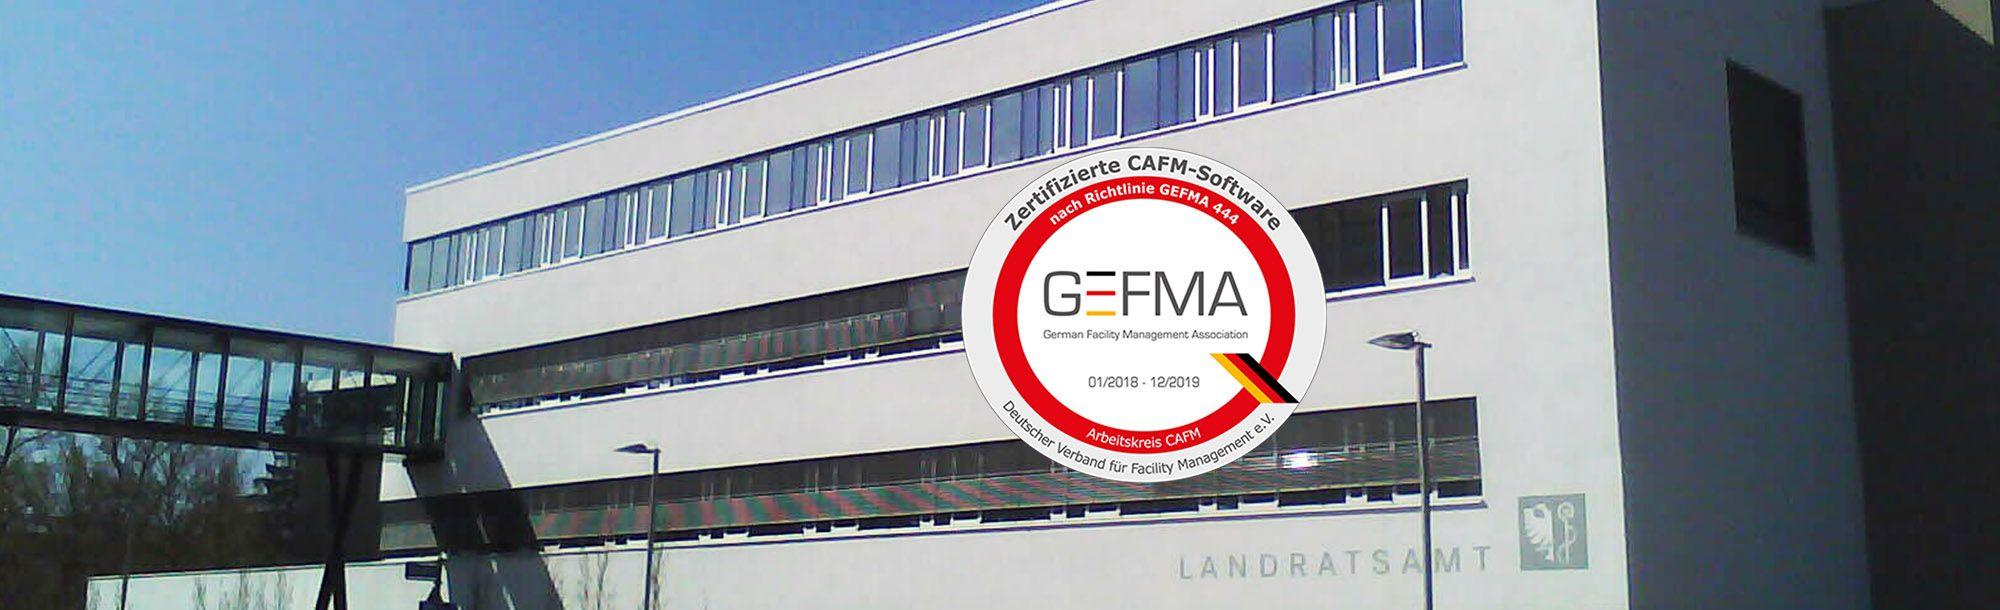 Liegenschafts- und Gebäudemanagement überzeugt Kunden und GEFMA